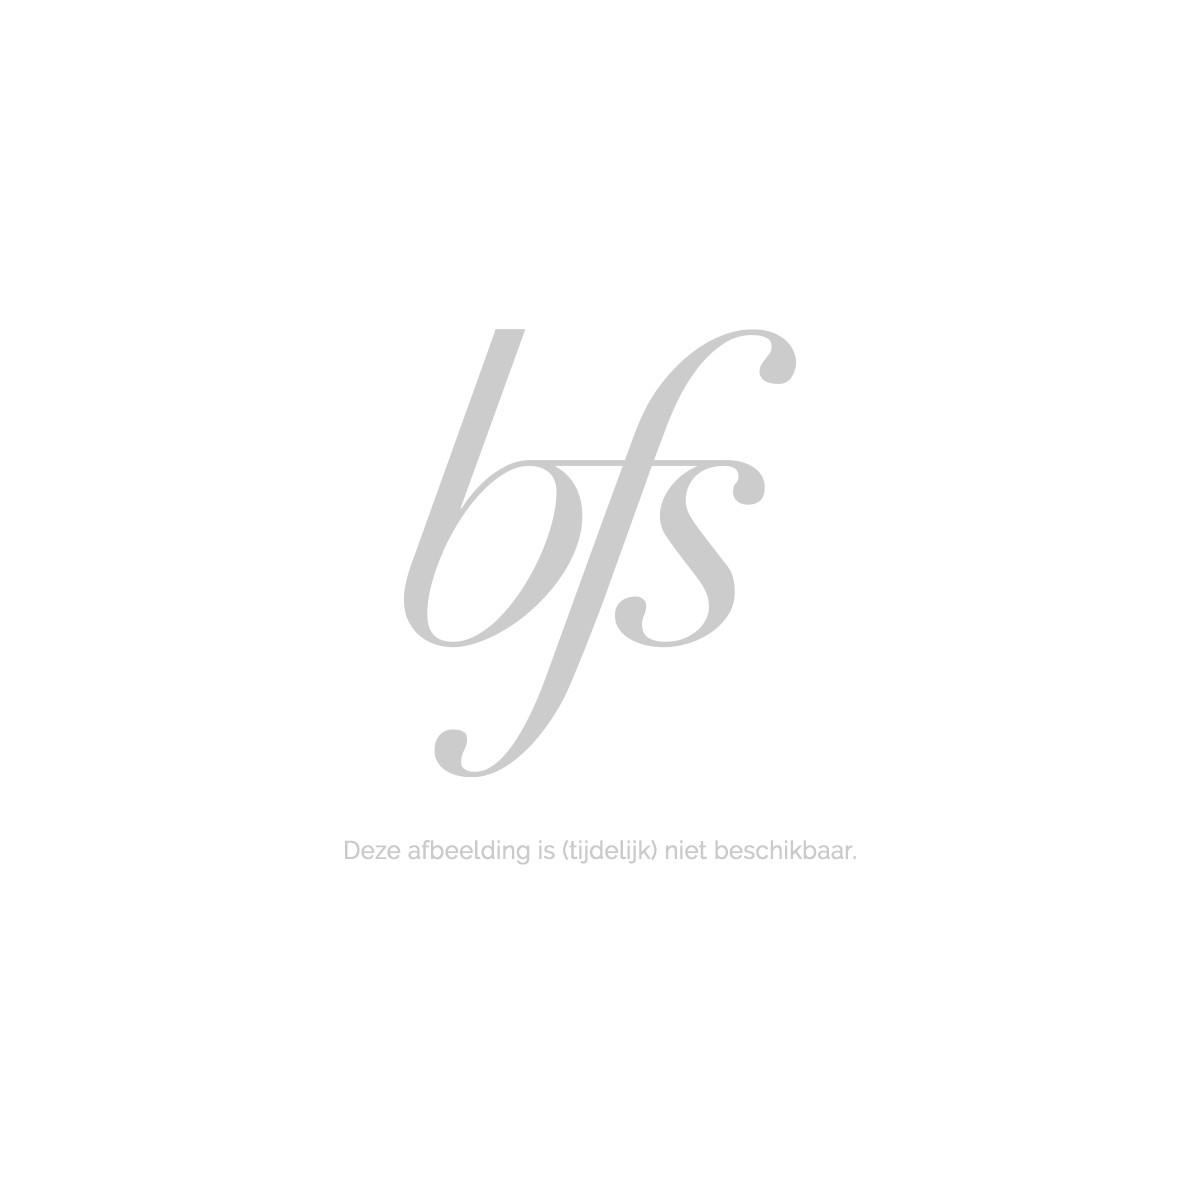 Mary Cohr Spf50+ Crème Anti-Âge Contour Des Yeux